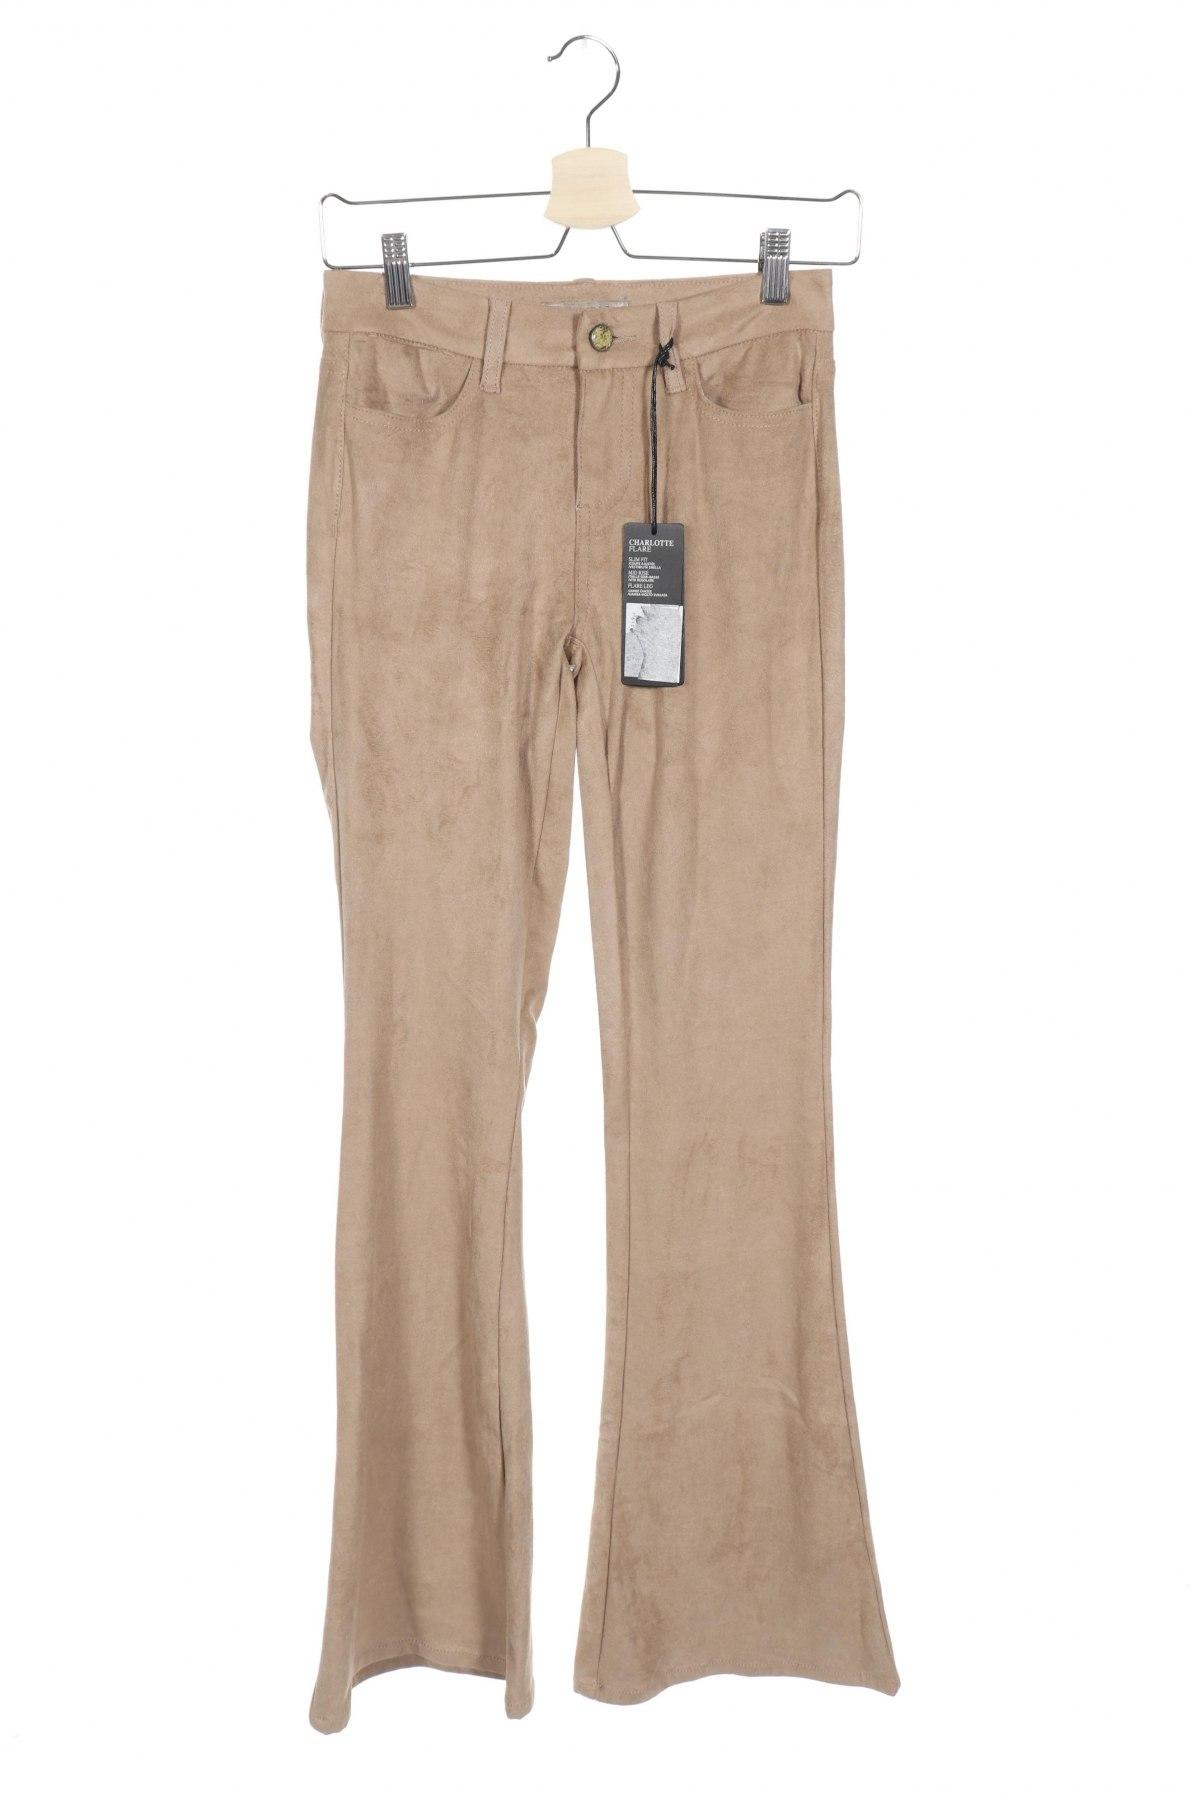 Дамски панталон Guess, Размер XXS, Цвят Бежов, 87% полиестер, 13% еластан, Цена 50,70лв.